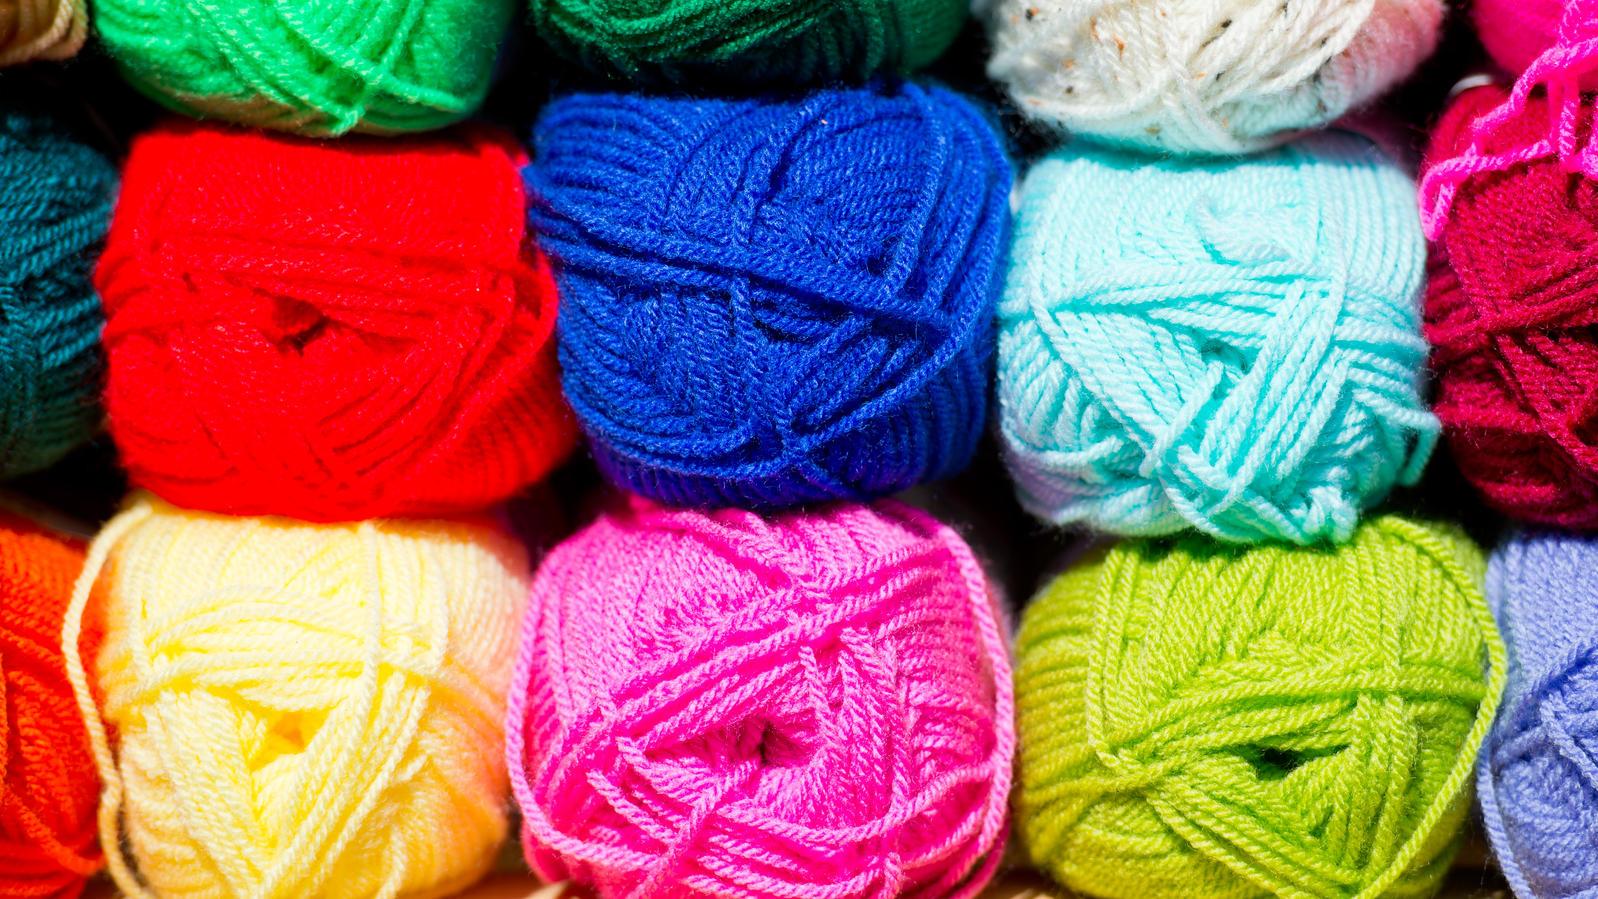 Wollknäuel sind Garne aus verschiedenen Materialien, die für die Handarbeit genutzt werden.